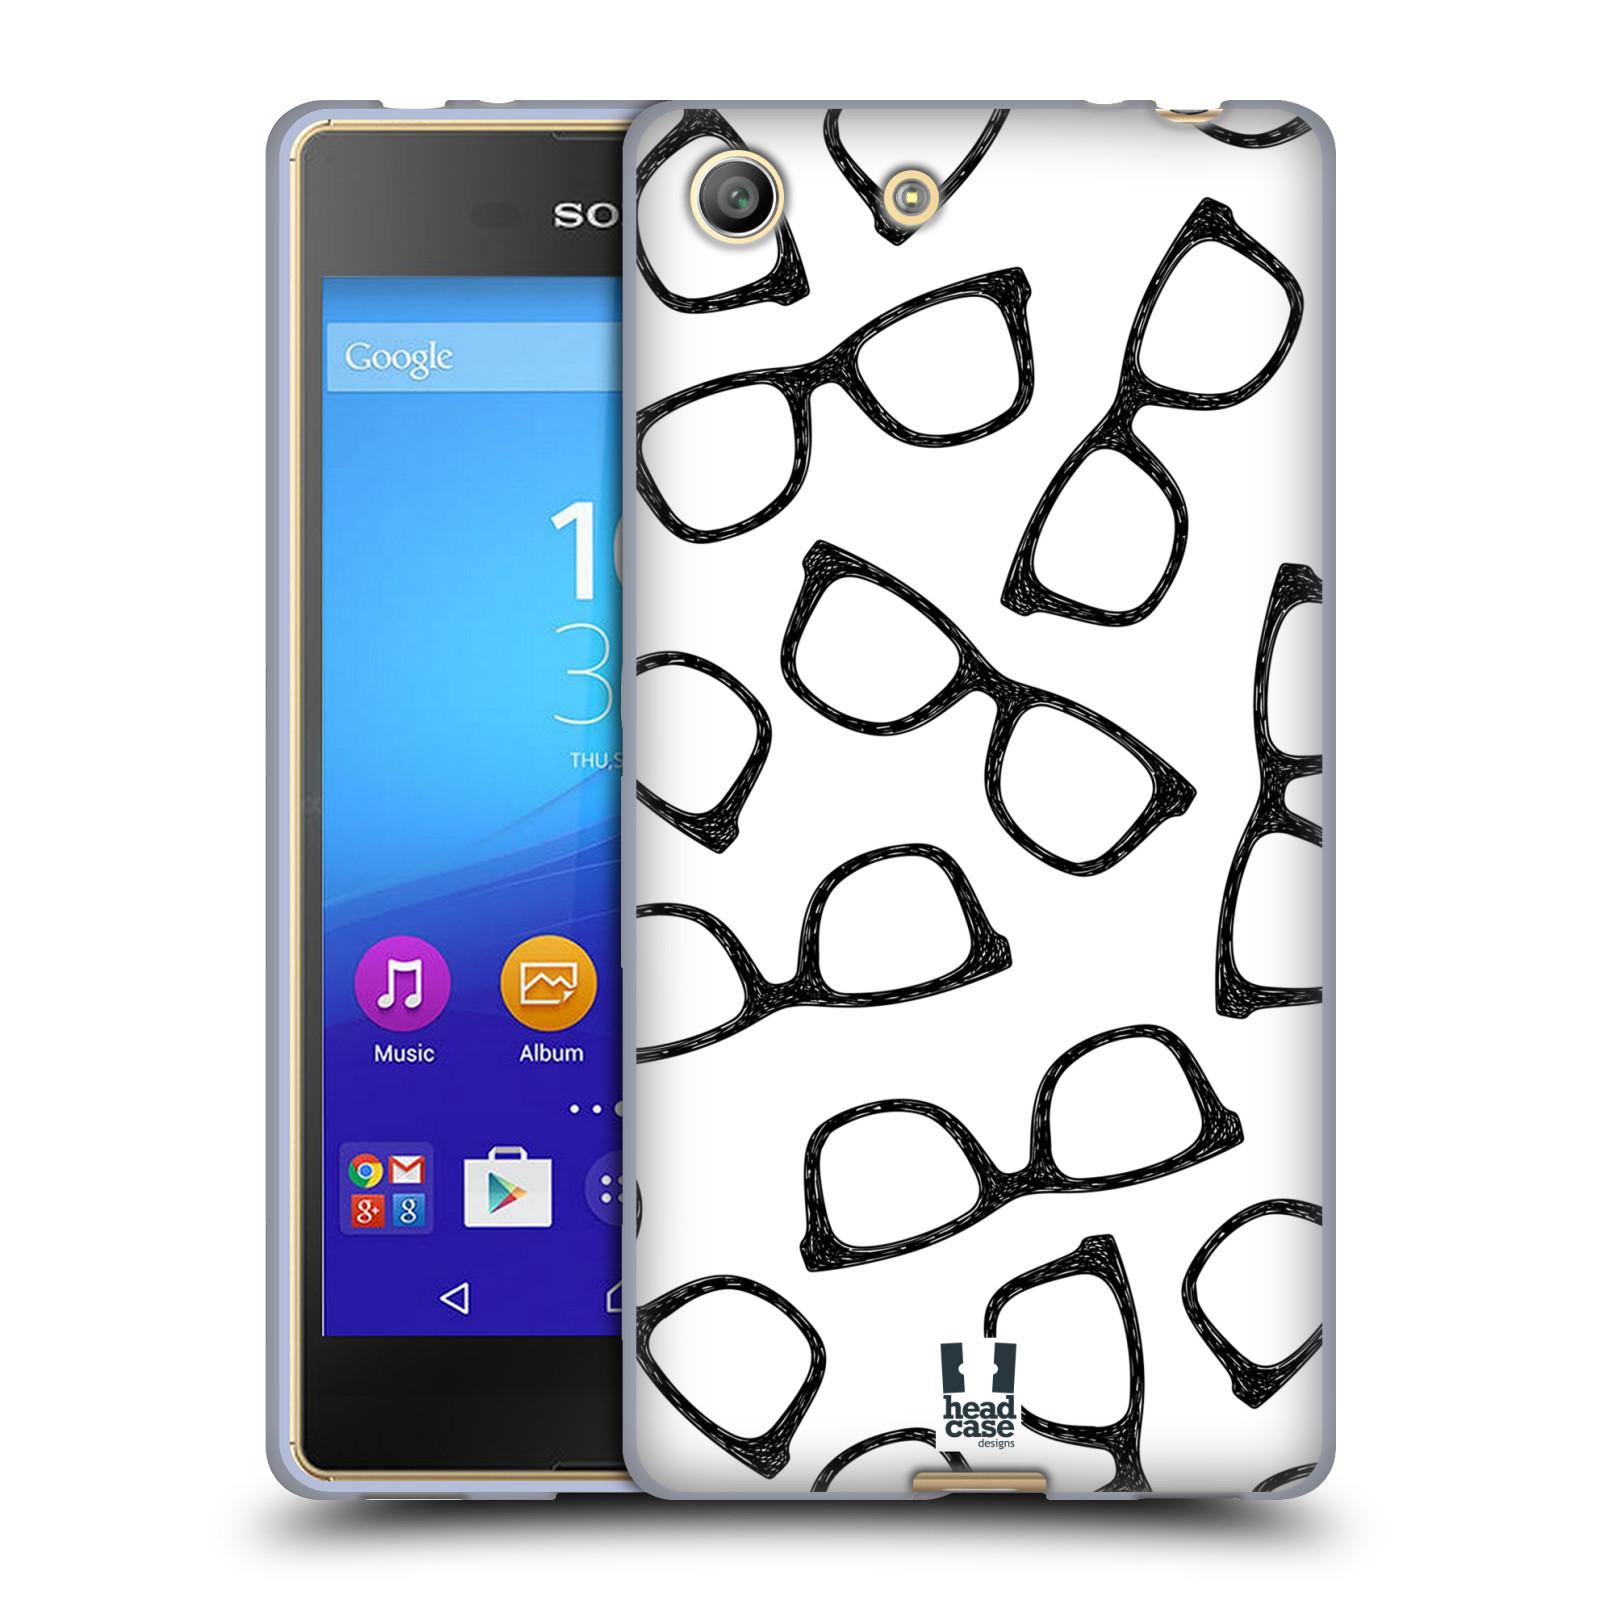 Silikonové pouzdro na mobil Sony Xperia M5 HEAD CASE HIPSTER BRÝLE (Silikonový kryt či obal na mobilní telefon Sony Xperia M5 Dual SIM / Aqua)